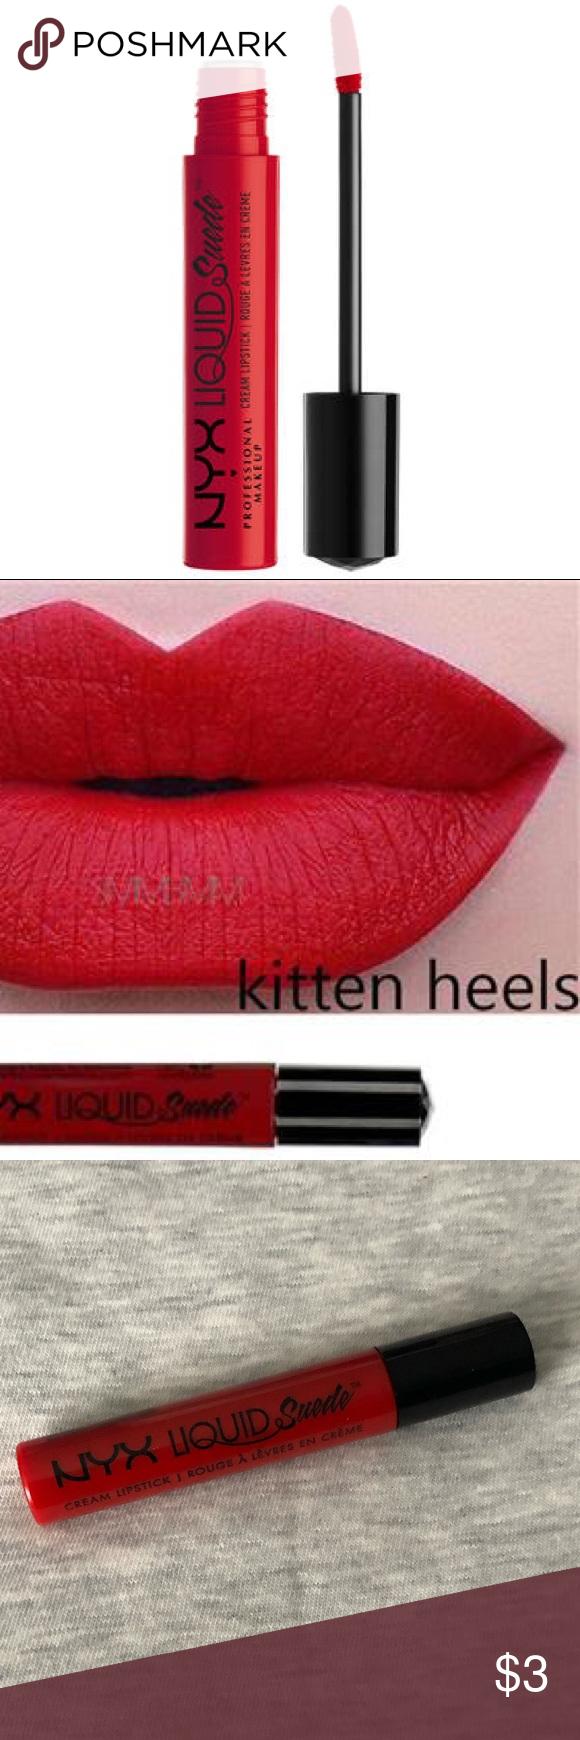 Nyx Liquid Suede Cream Lipstick In Kitten Heels